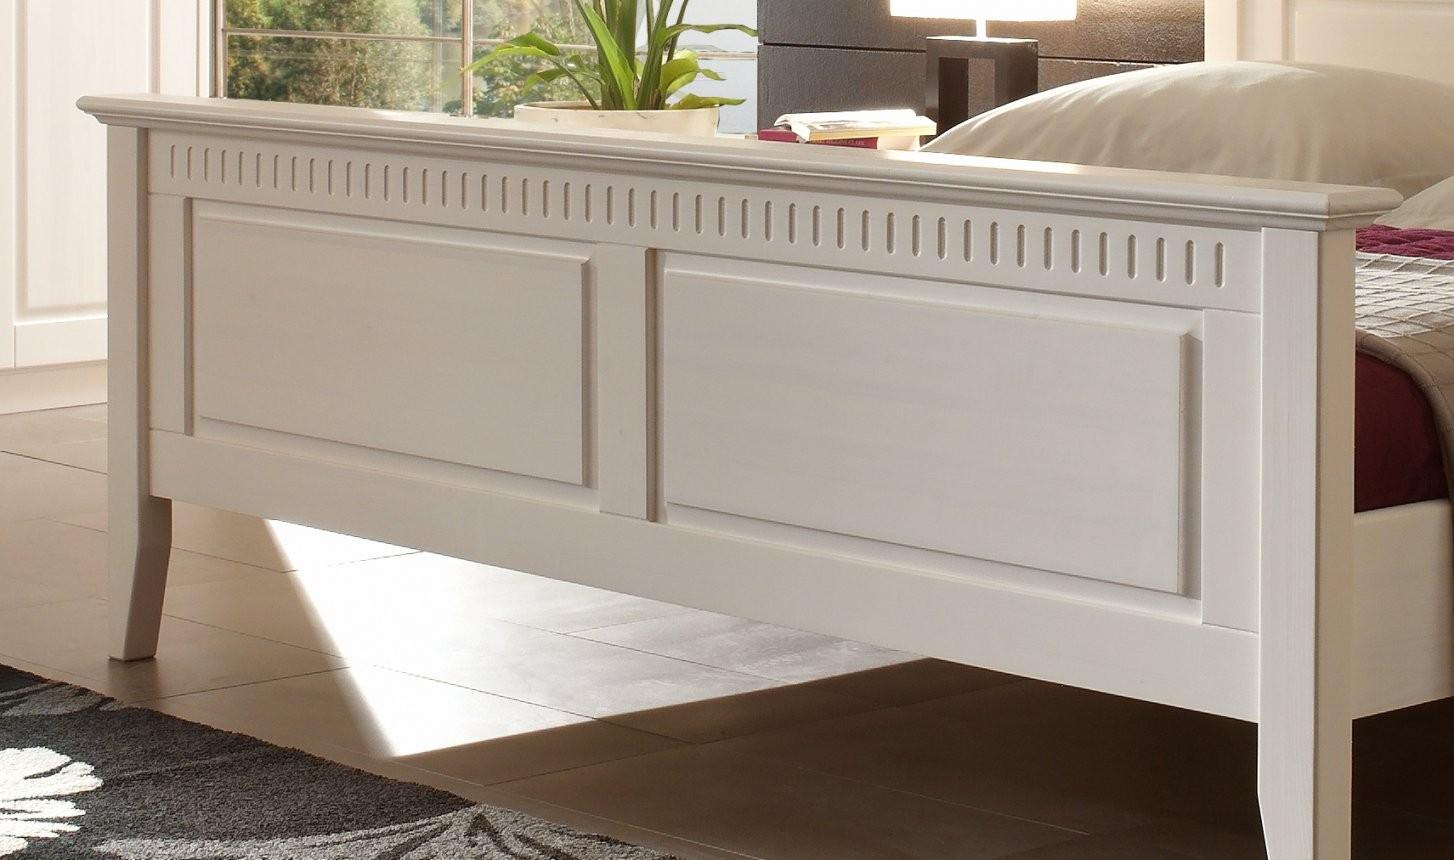 Massives Doppelbett Kiefer Weiß Im Landhausstil  Designermöbel von Bett Landhausstil 180X200 Photo